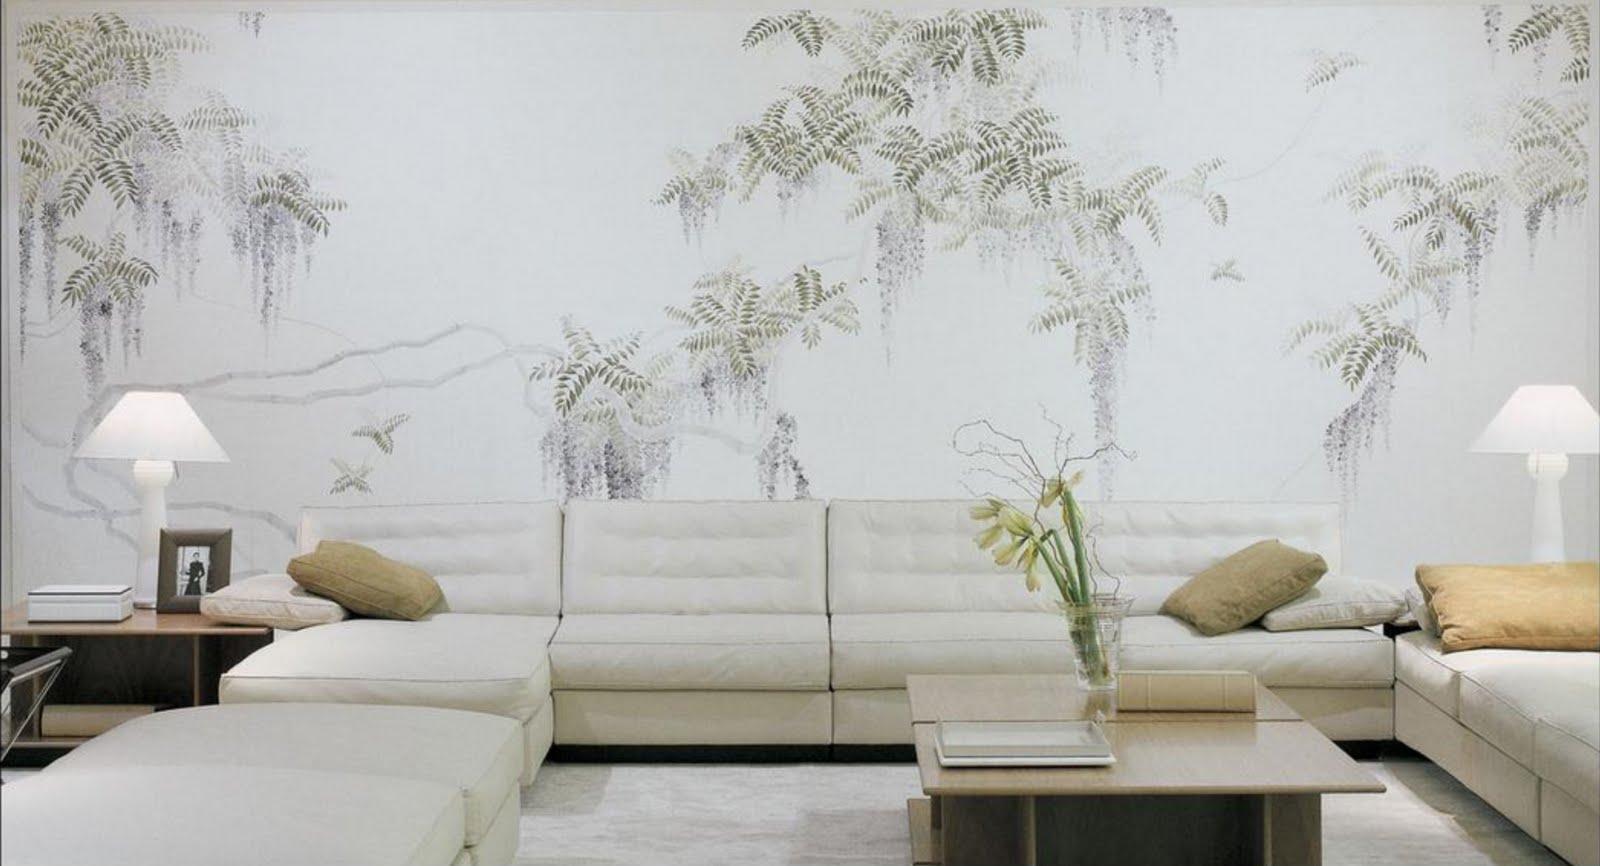 papel de parede decoracao de interiores:ÀS DUAS POR TRÊS, ARQ. DE INTERIORES E DECORAÇÃO: Papel de parede